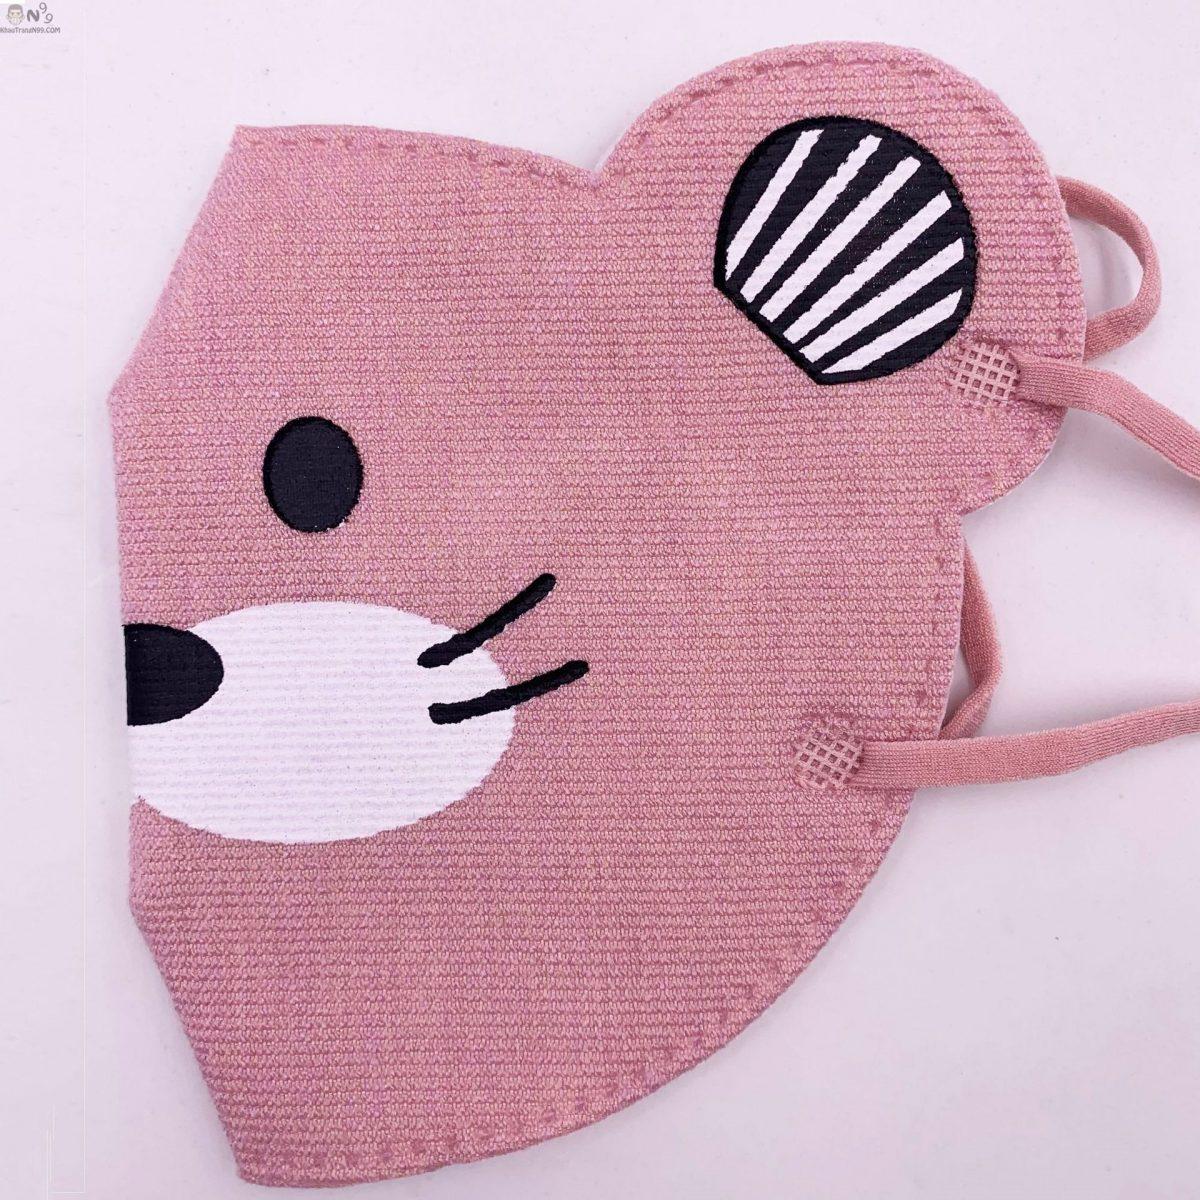 khẩu trang cho bé trên 2 tuổi vải cực xịn, thoáng tai chuột 3d (3)